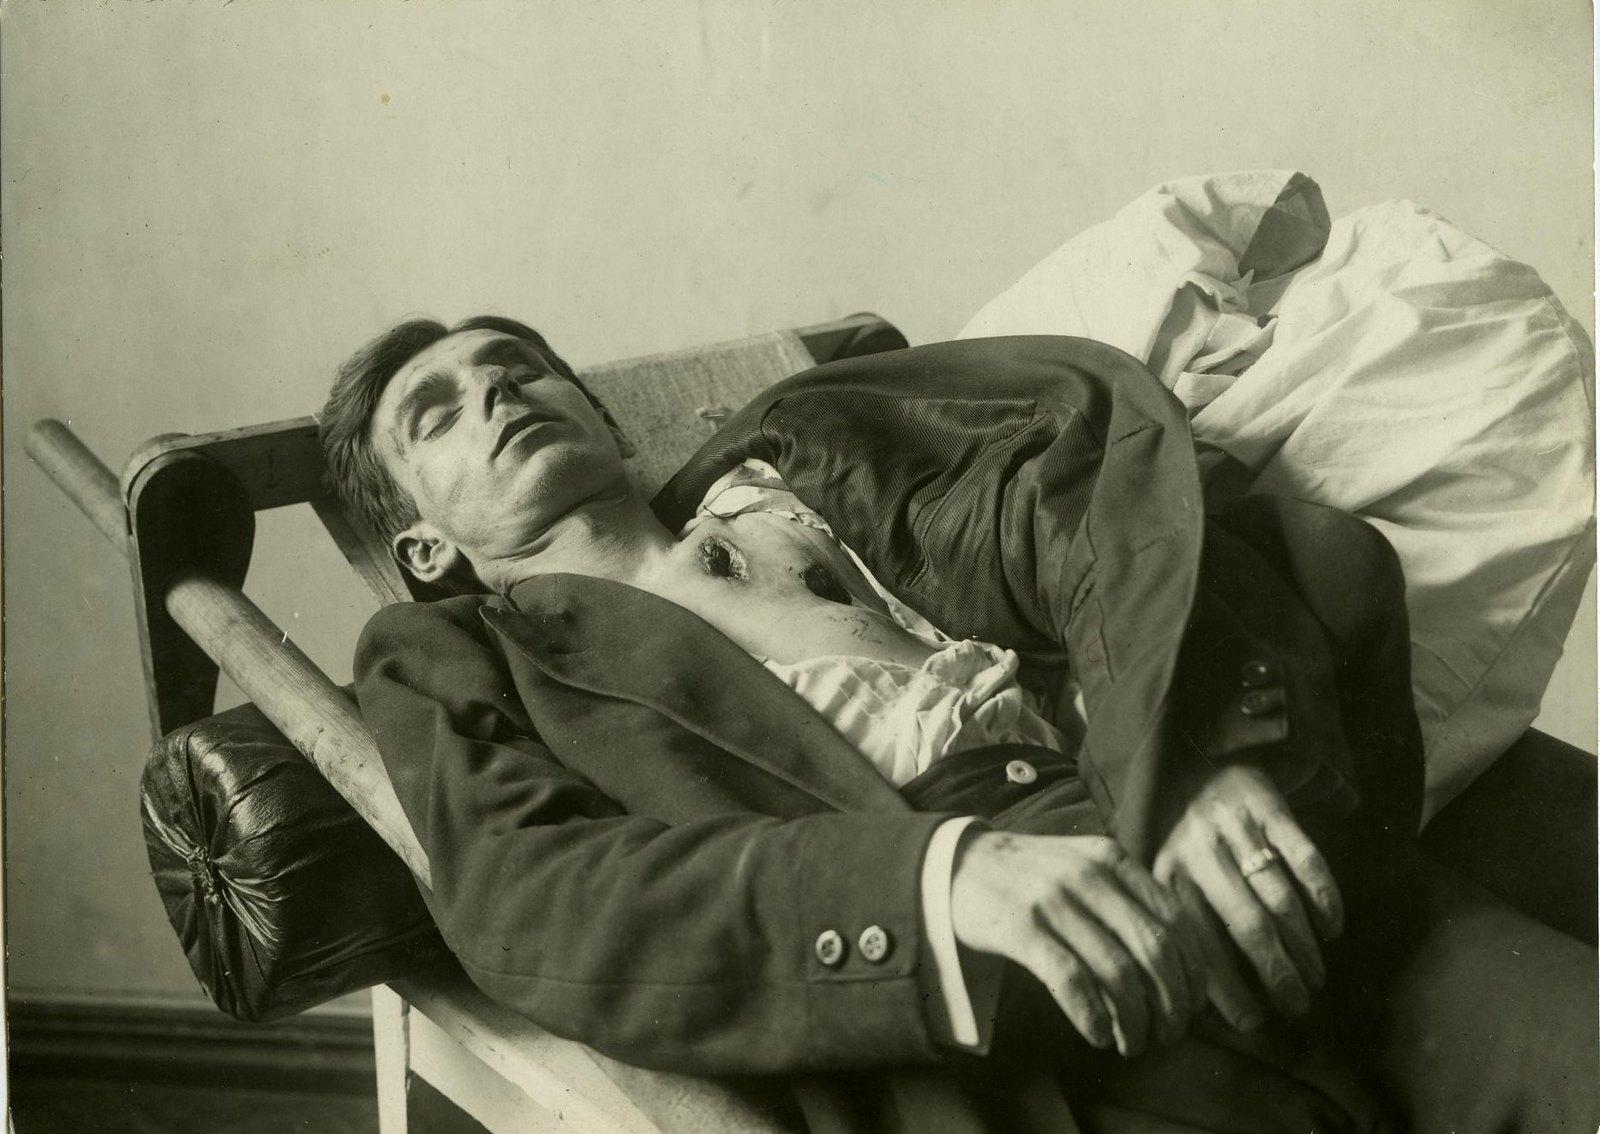 05. 1919. Михаил Владаркевич, учитель железнодорожной школы, член ЧК в Бекетовке, член РКП(б), убитый красновцами